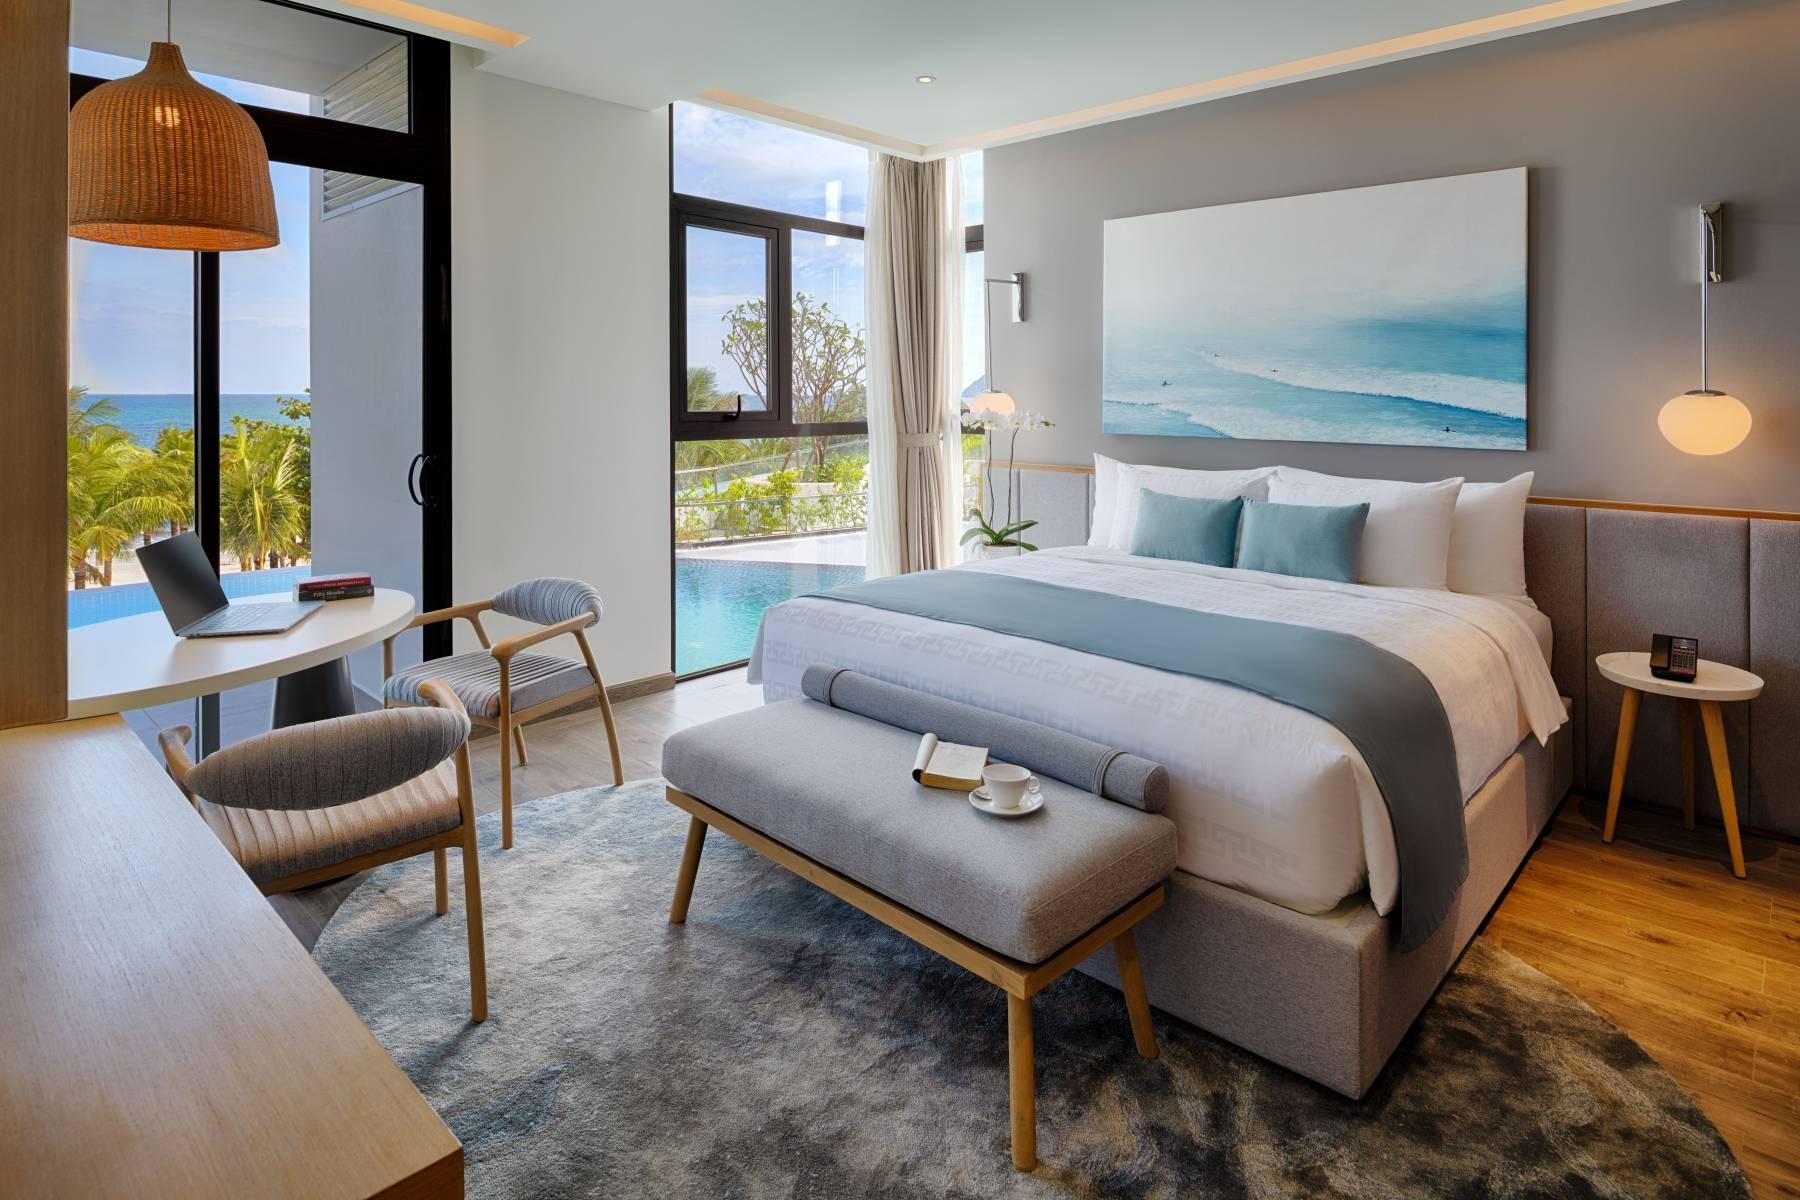 nội thất khách sạn đẹp sang trọng - Housedesign